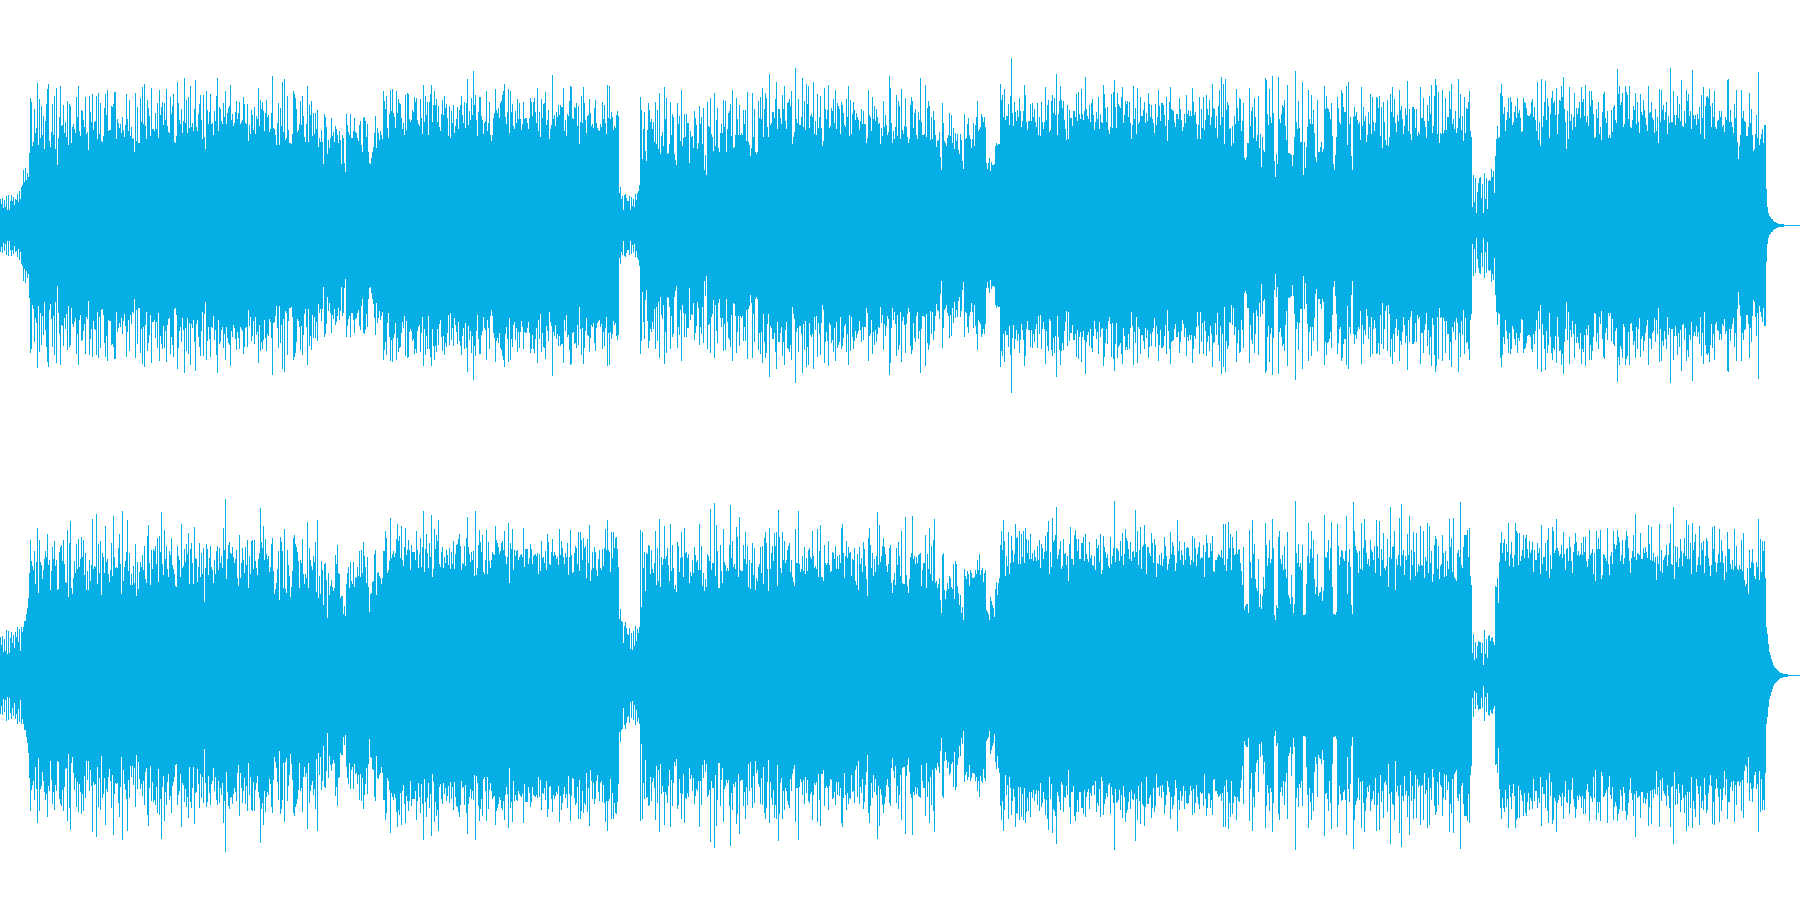 生演奏トランペット!力強いポップパンクの再生済みの波形